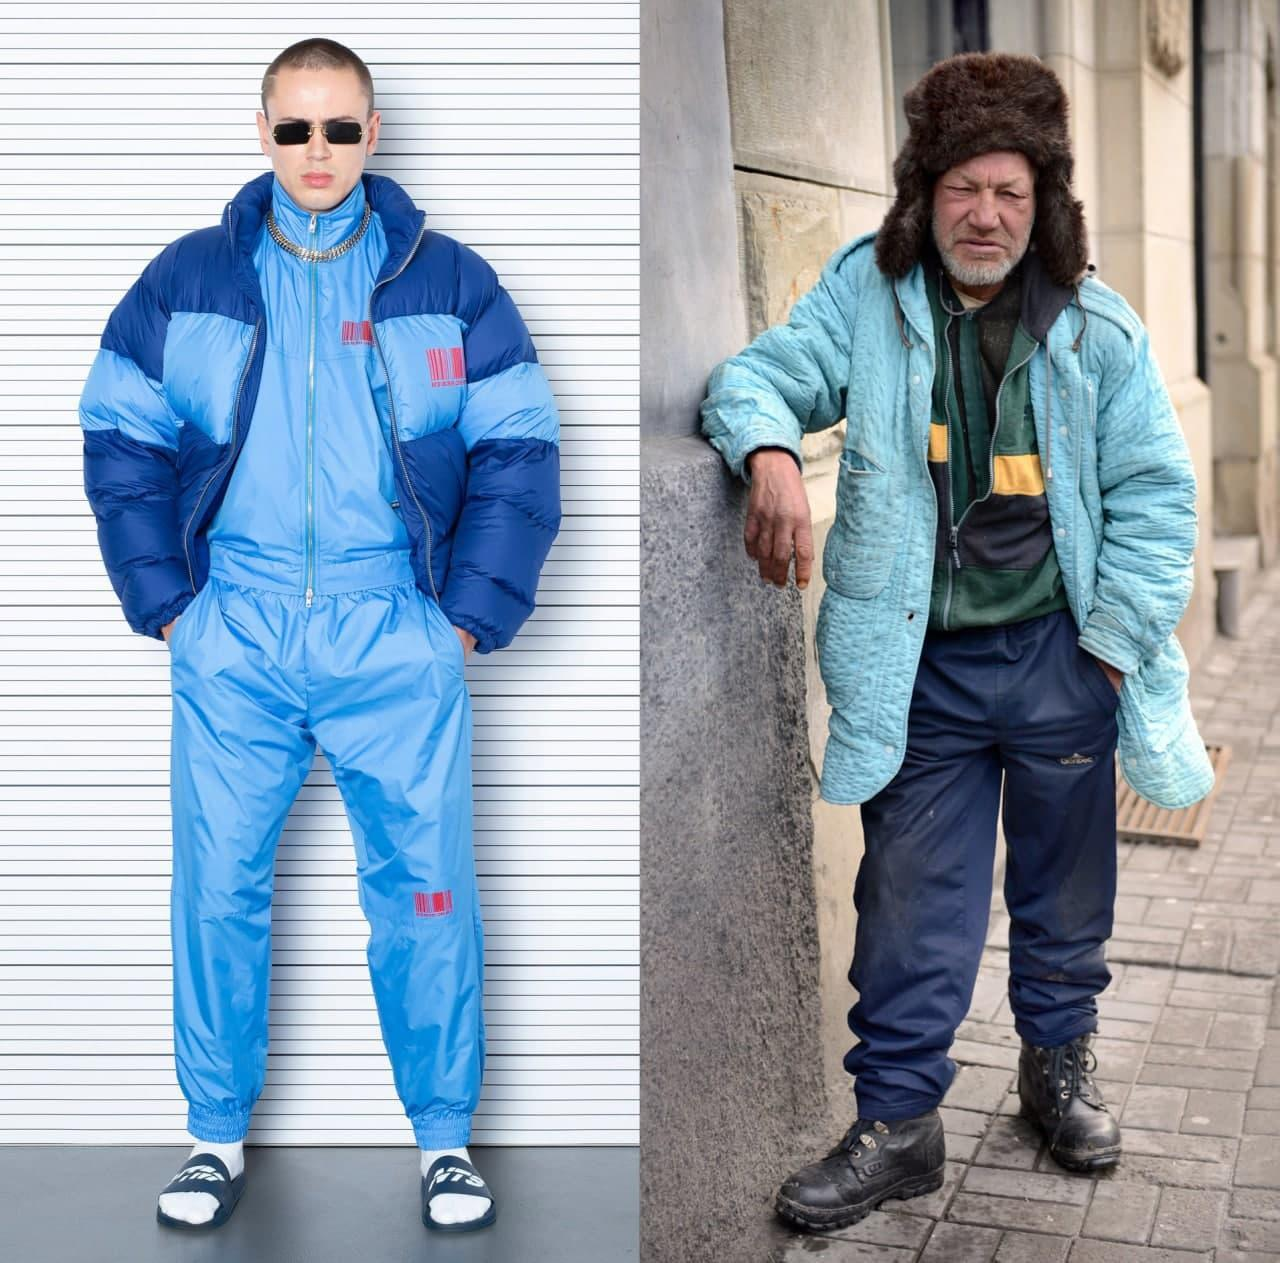 Иногда так хочется простого человеческого одеться как украинский бездомный